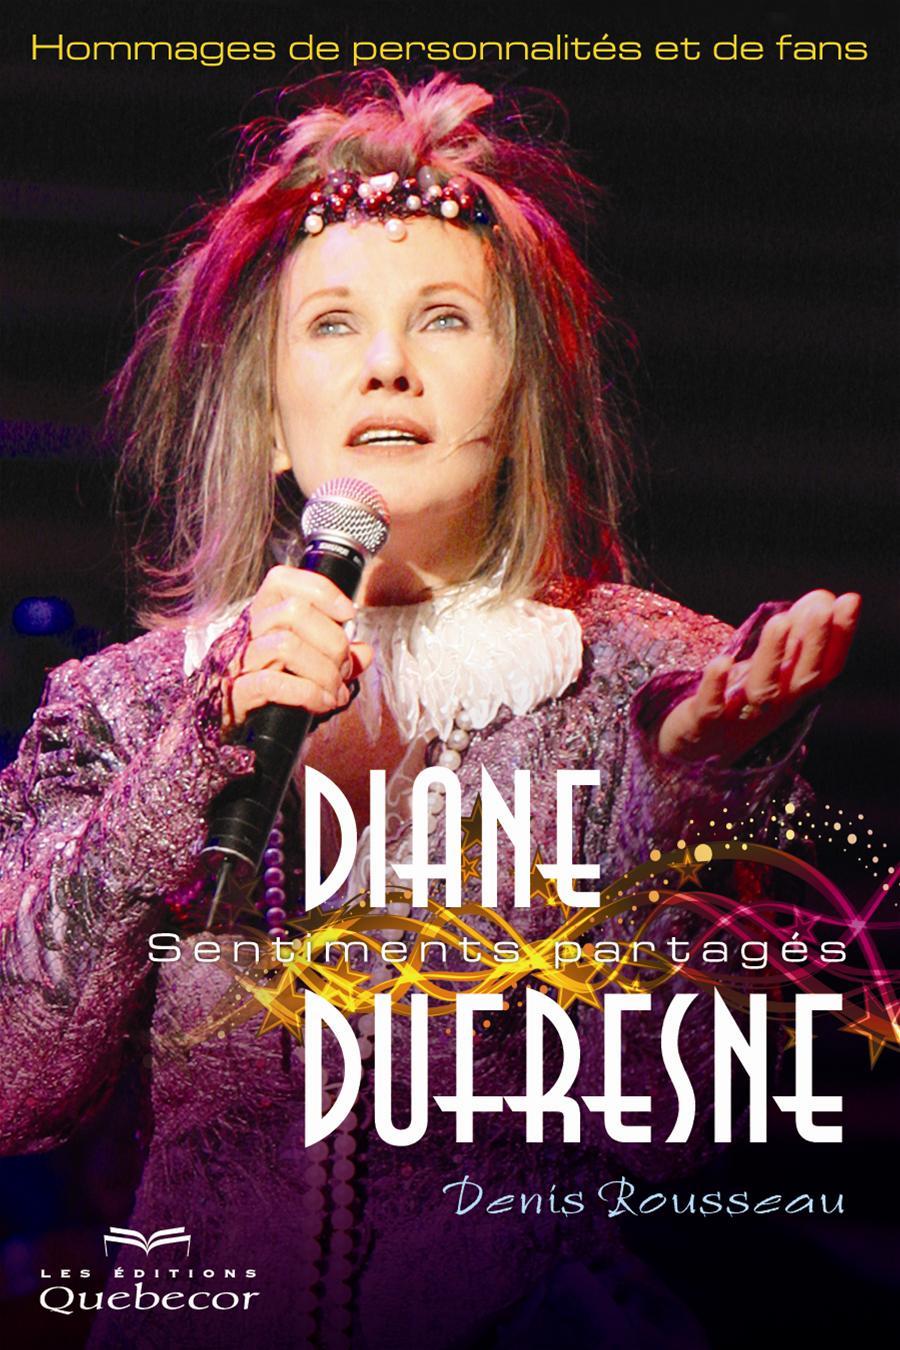 Diane Dufresne, sentiments partagés